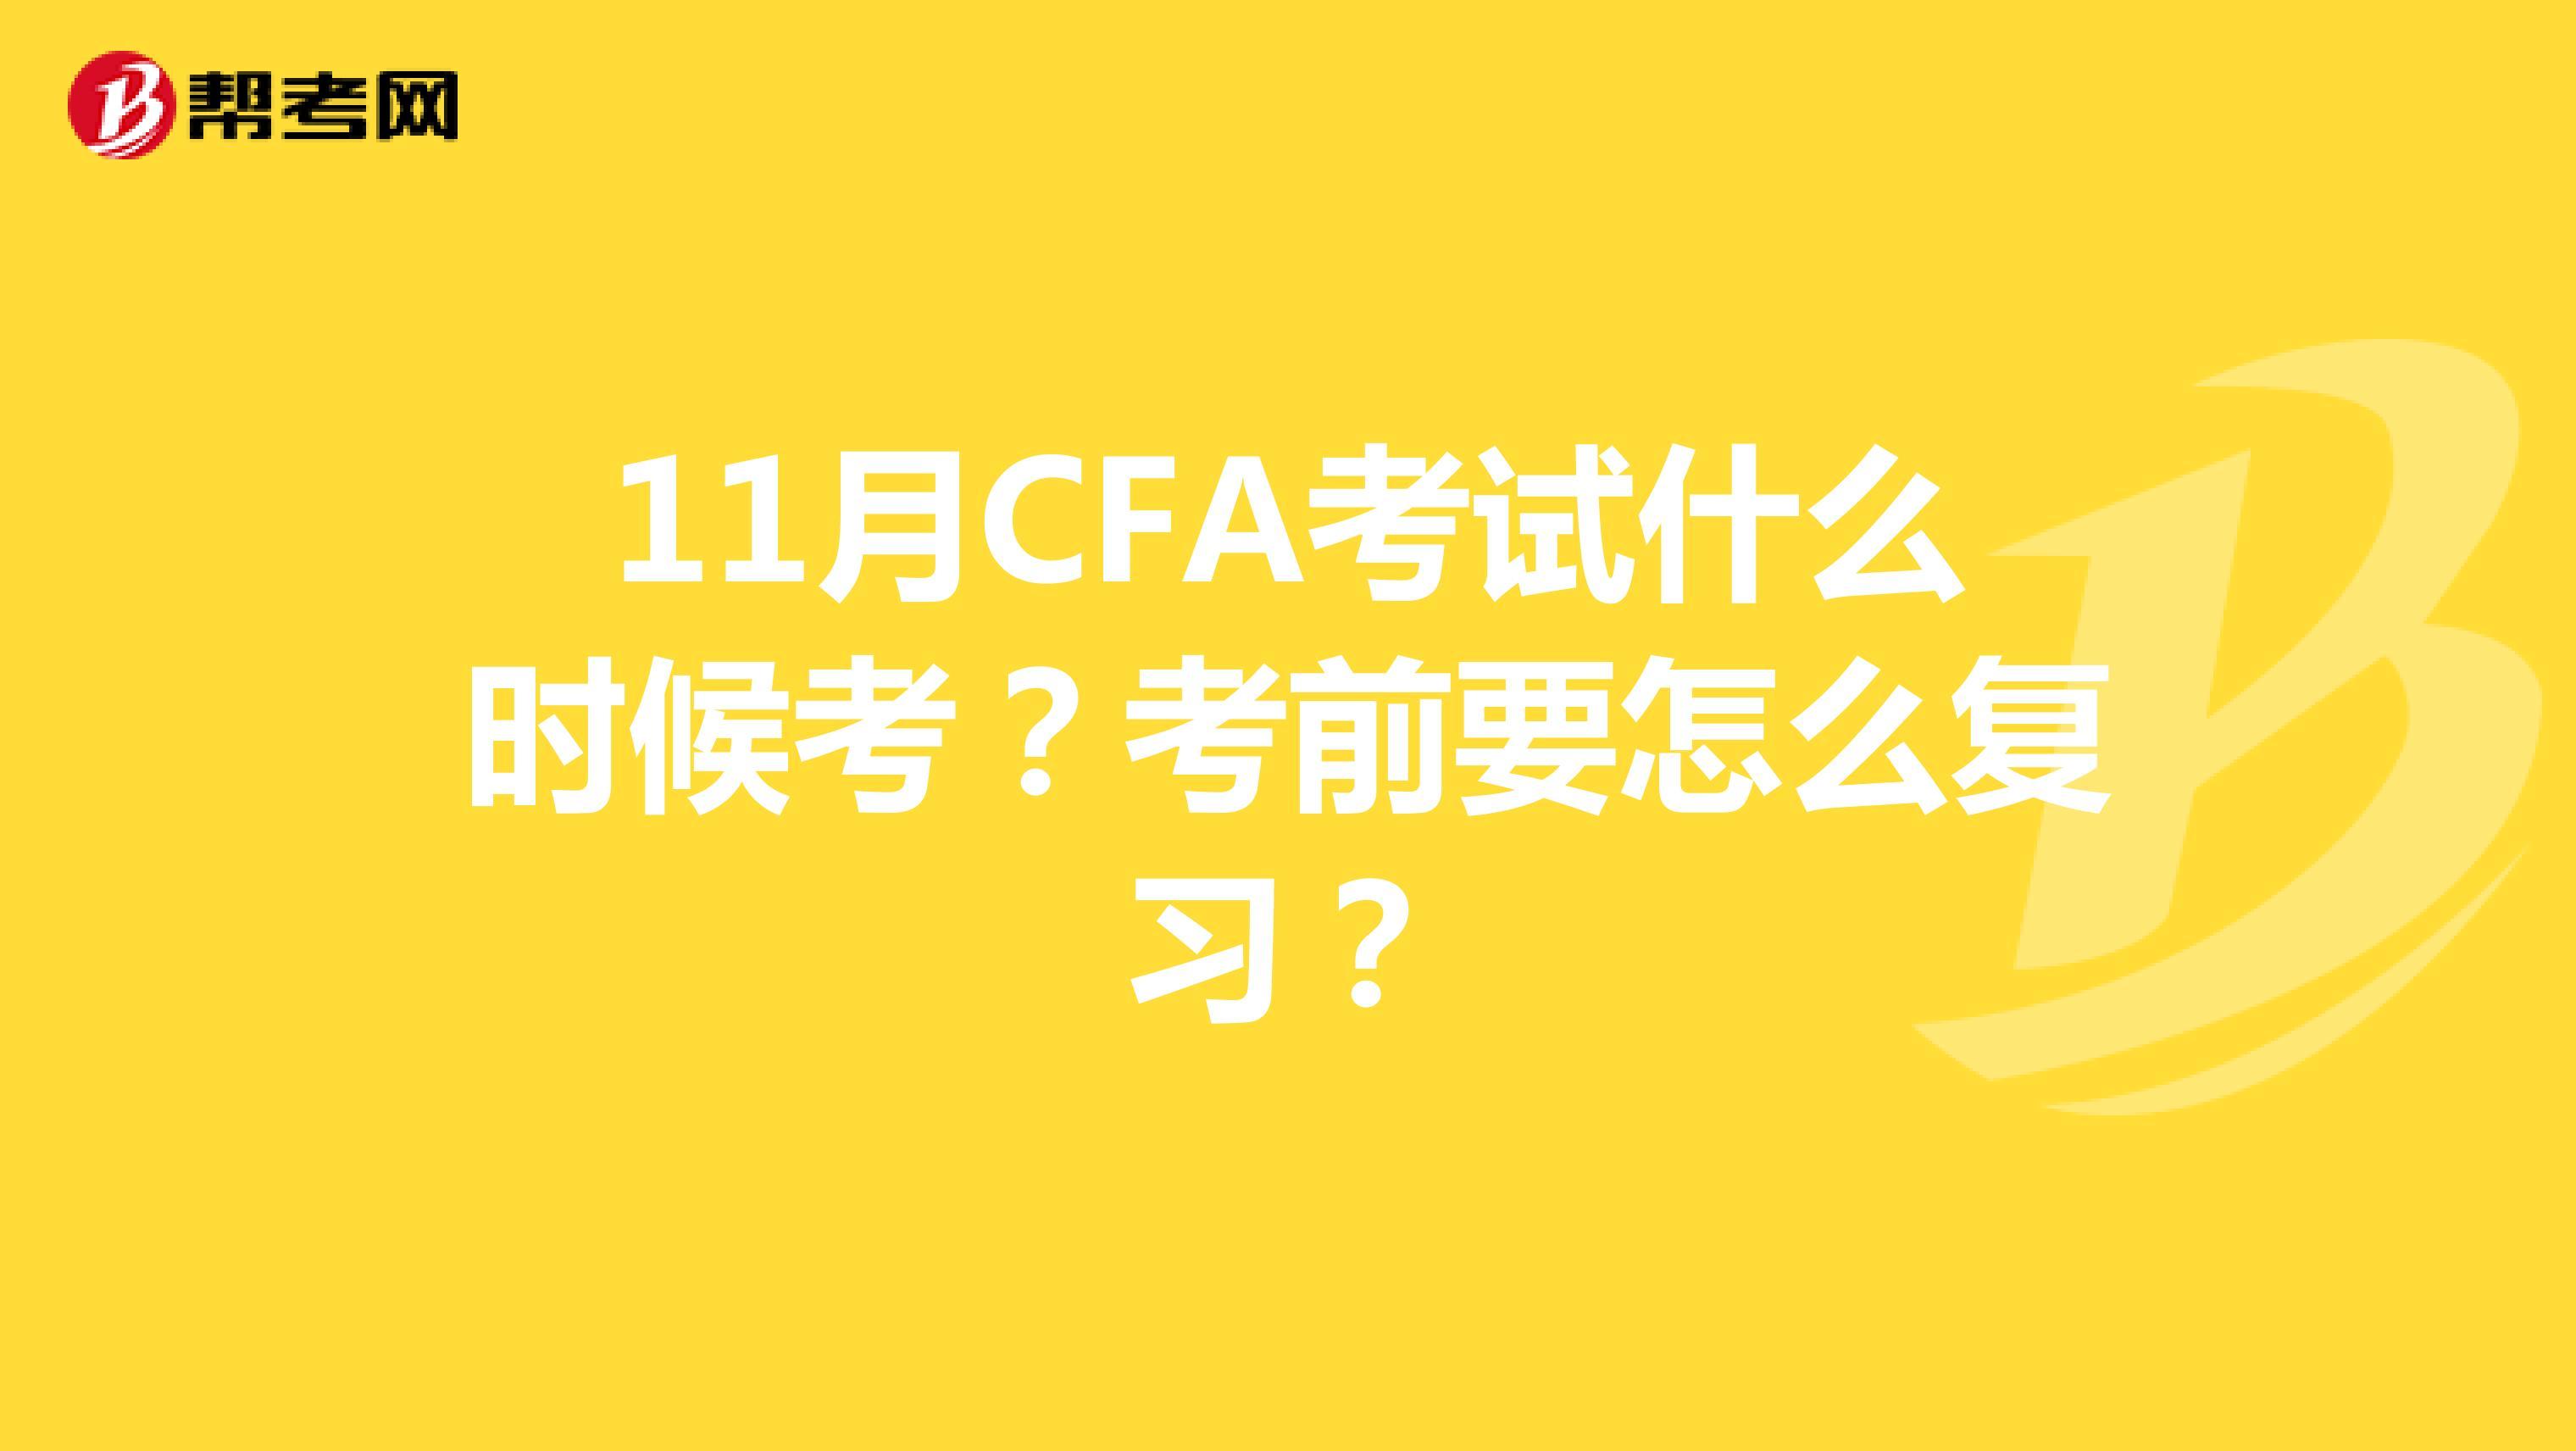 11月CFA考试什么时候考?考前要怎么复习?